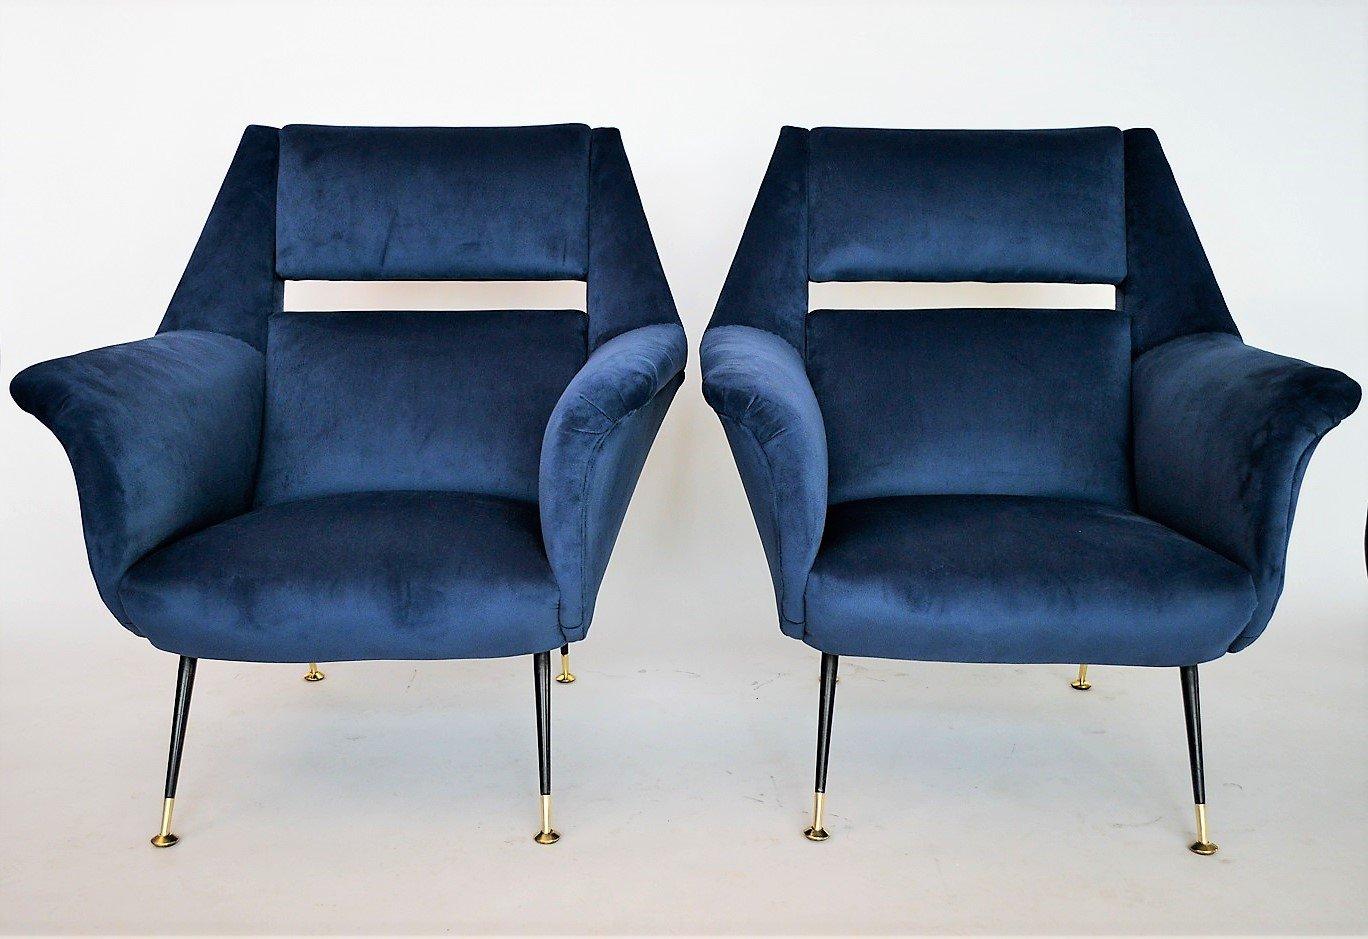 Italienische sessel aus k nigsblauem samt von gigi radice for Italienische sessel design